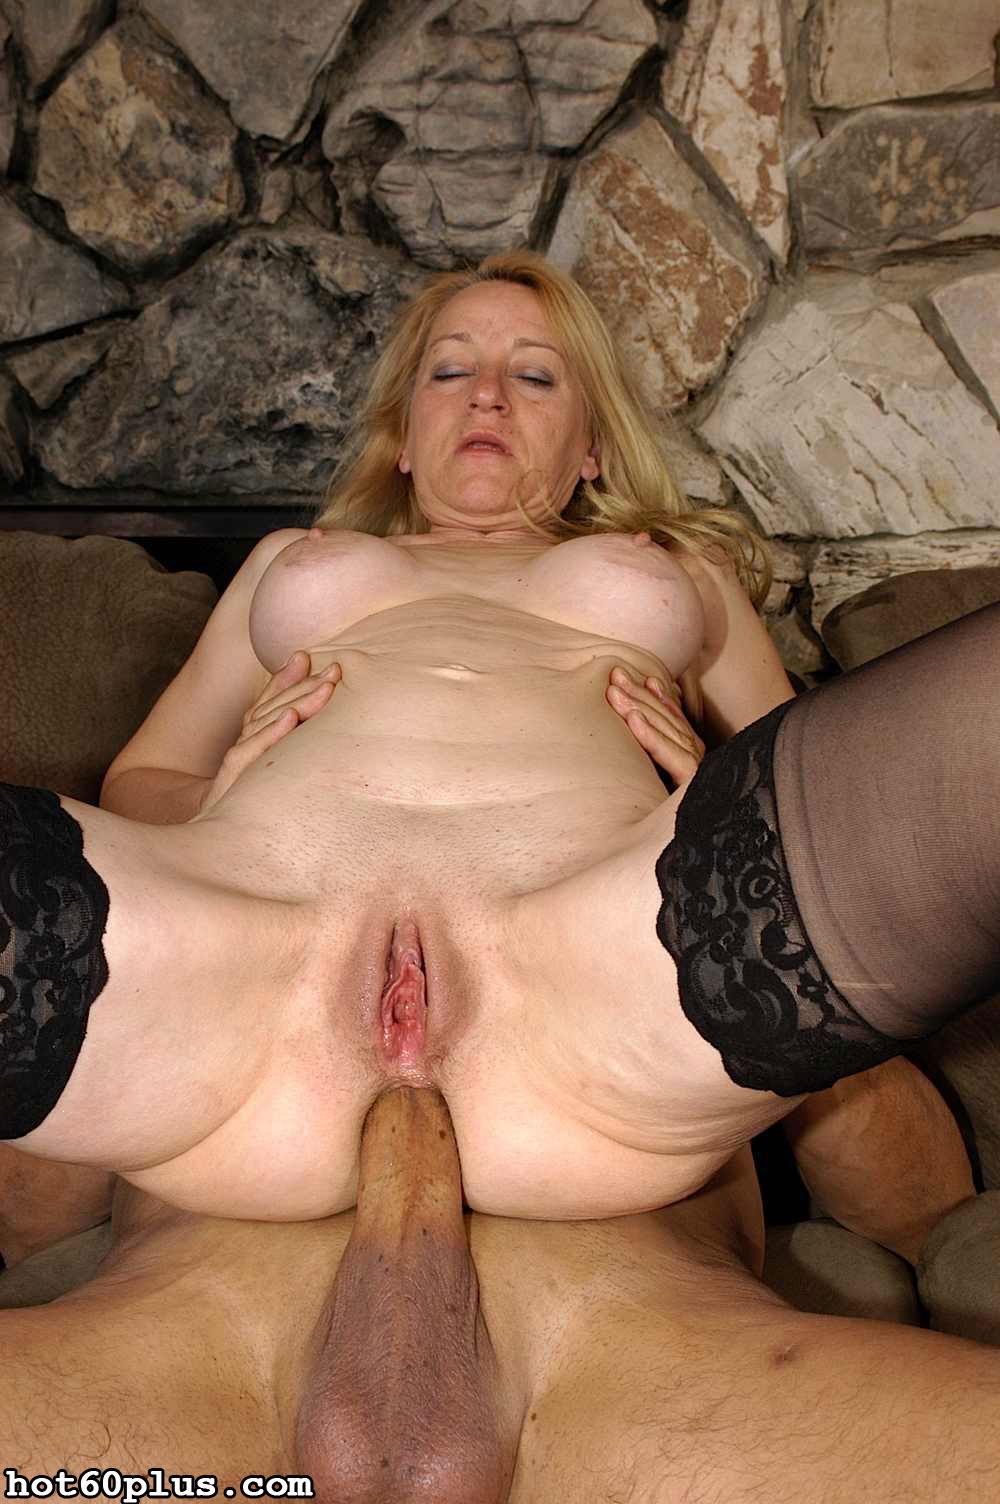 Русский секс женщины за 60 лет 5 фотография